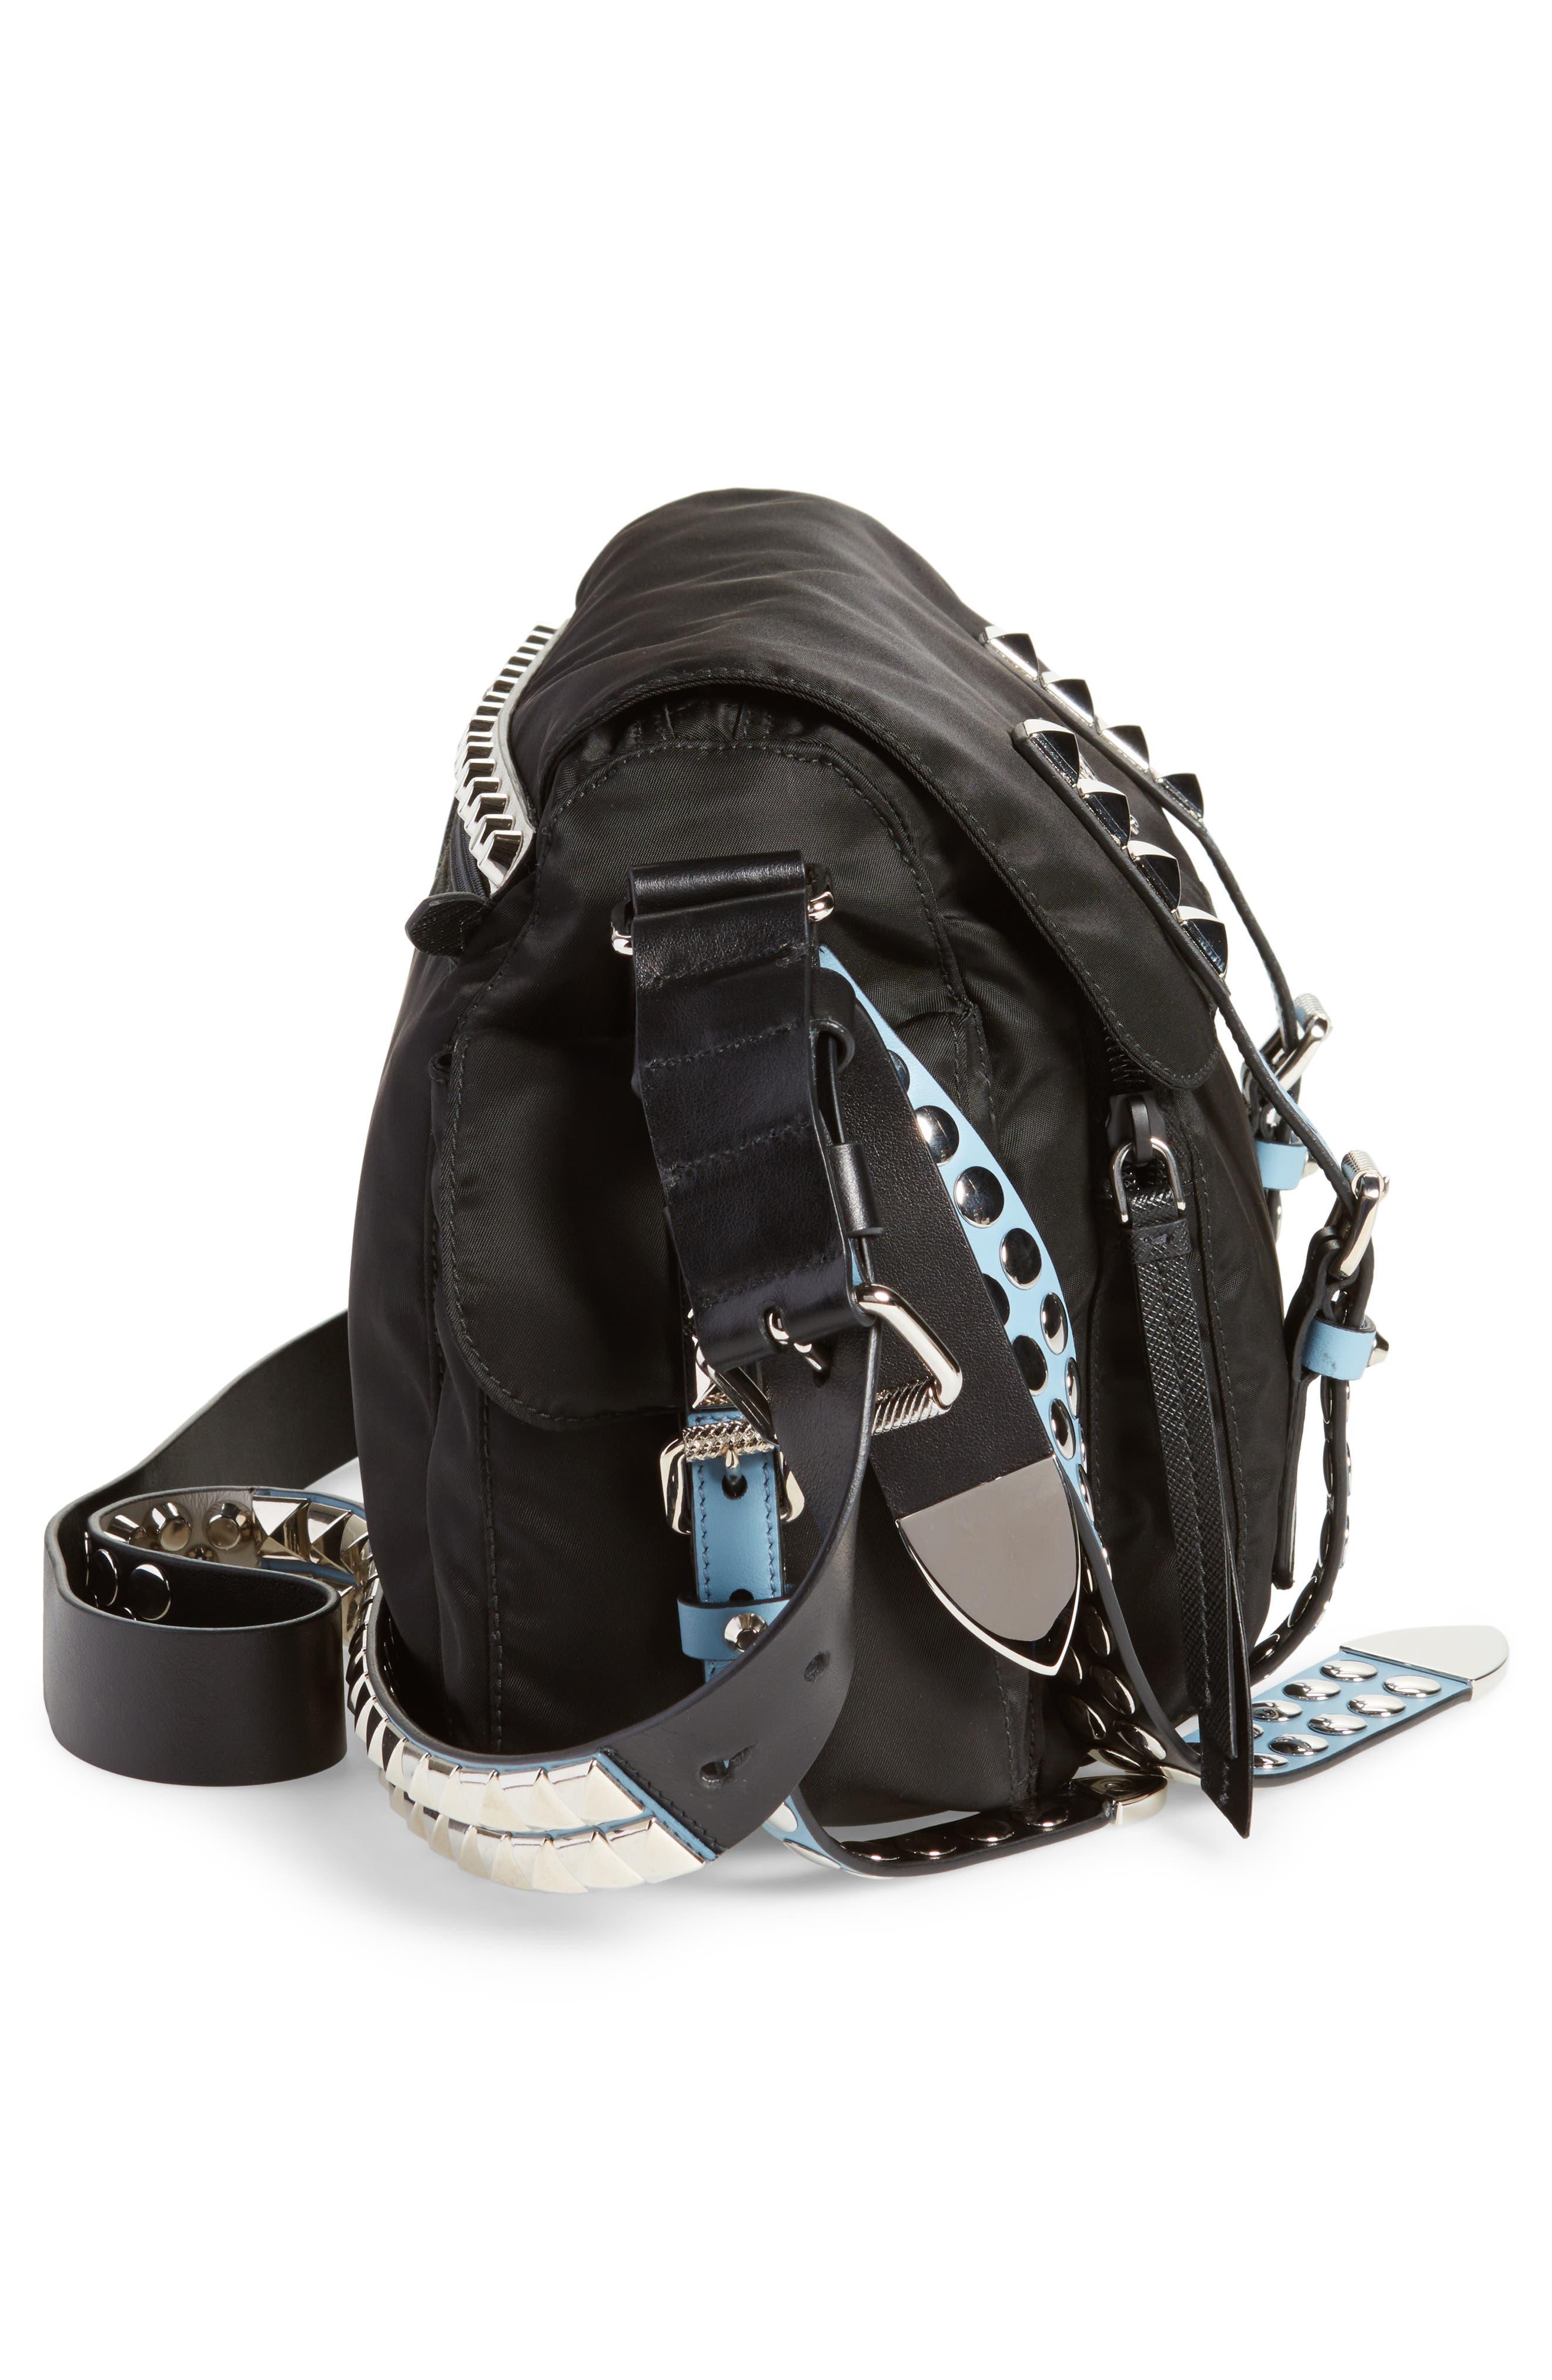 Studded Nylon Messenger Bag,                             Alternate thumbnail 5, color,                             NERO/ ASTRALE